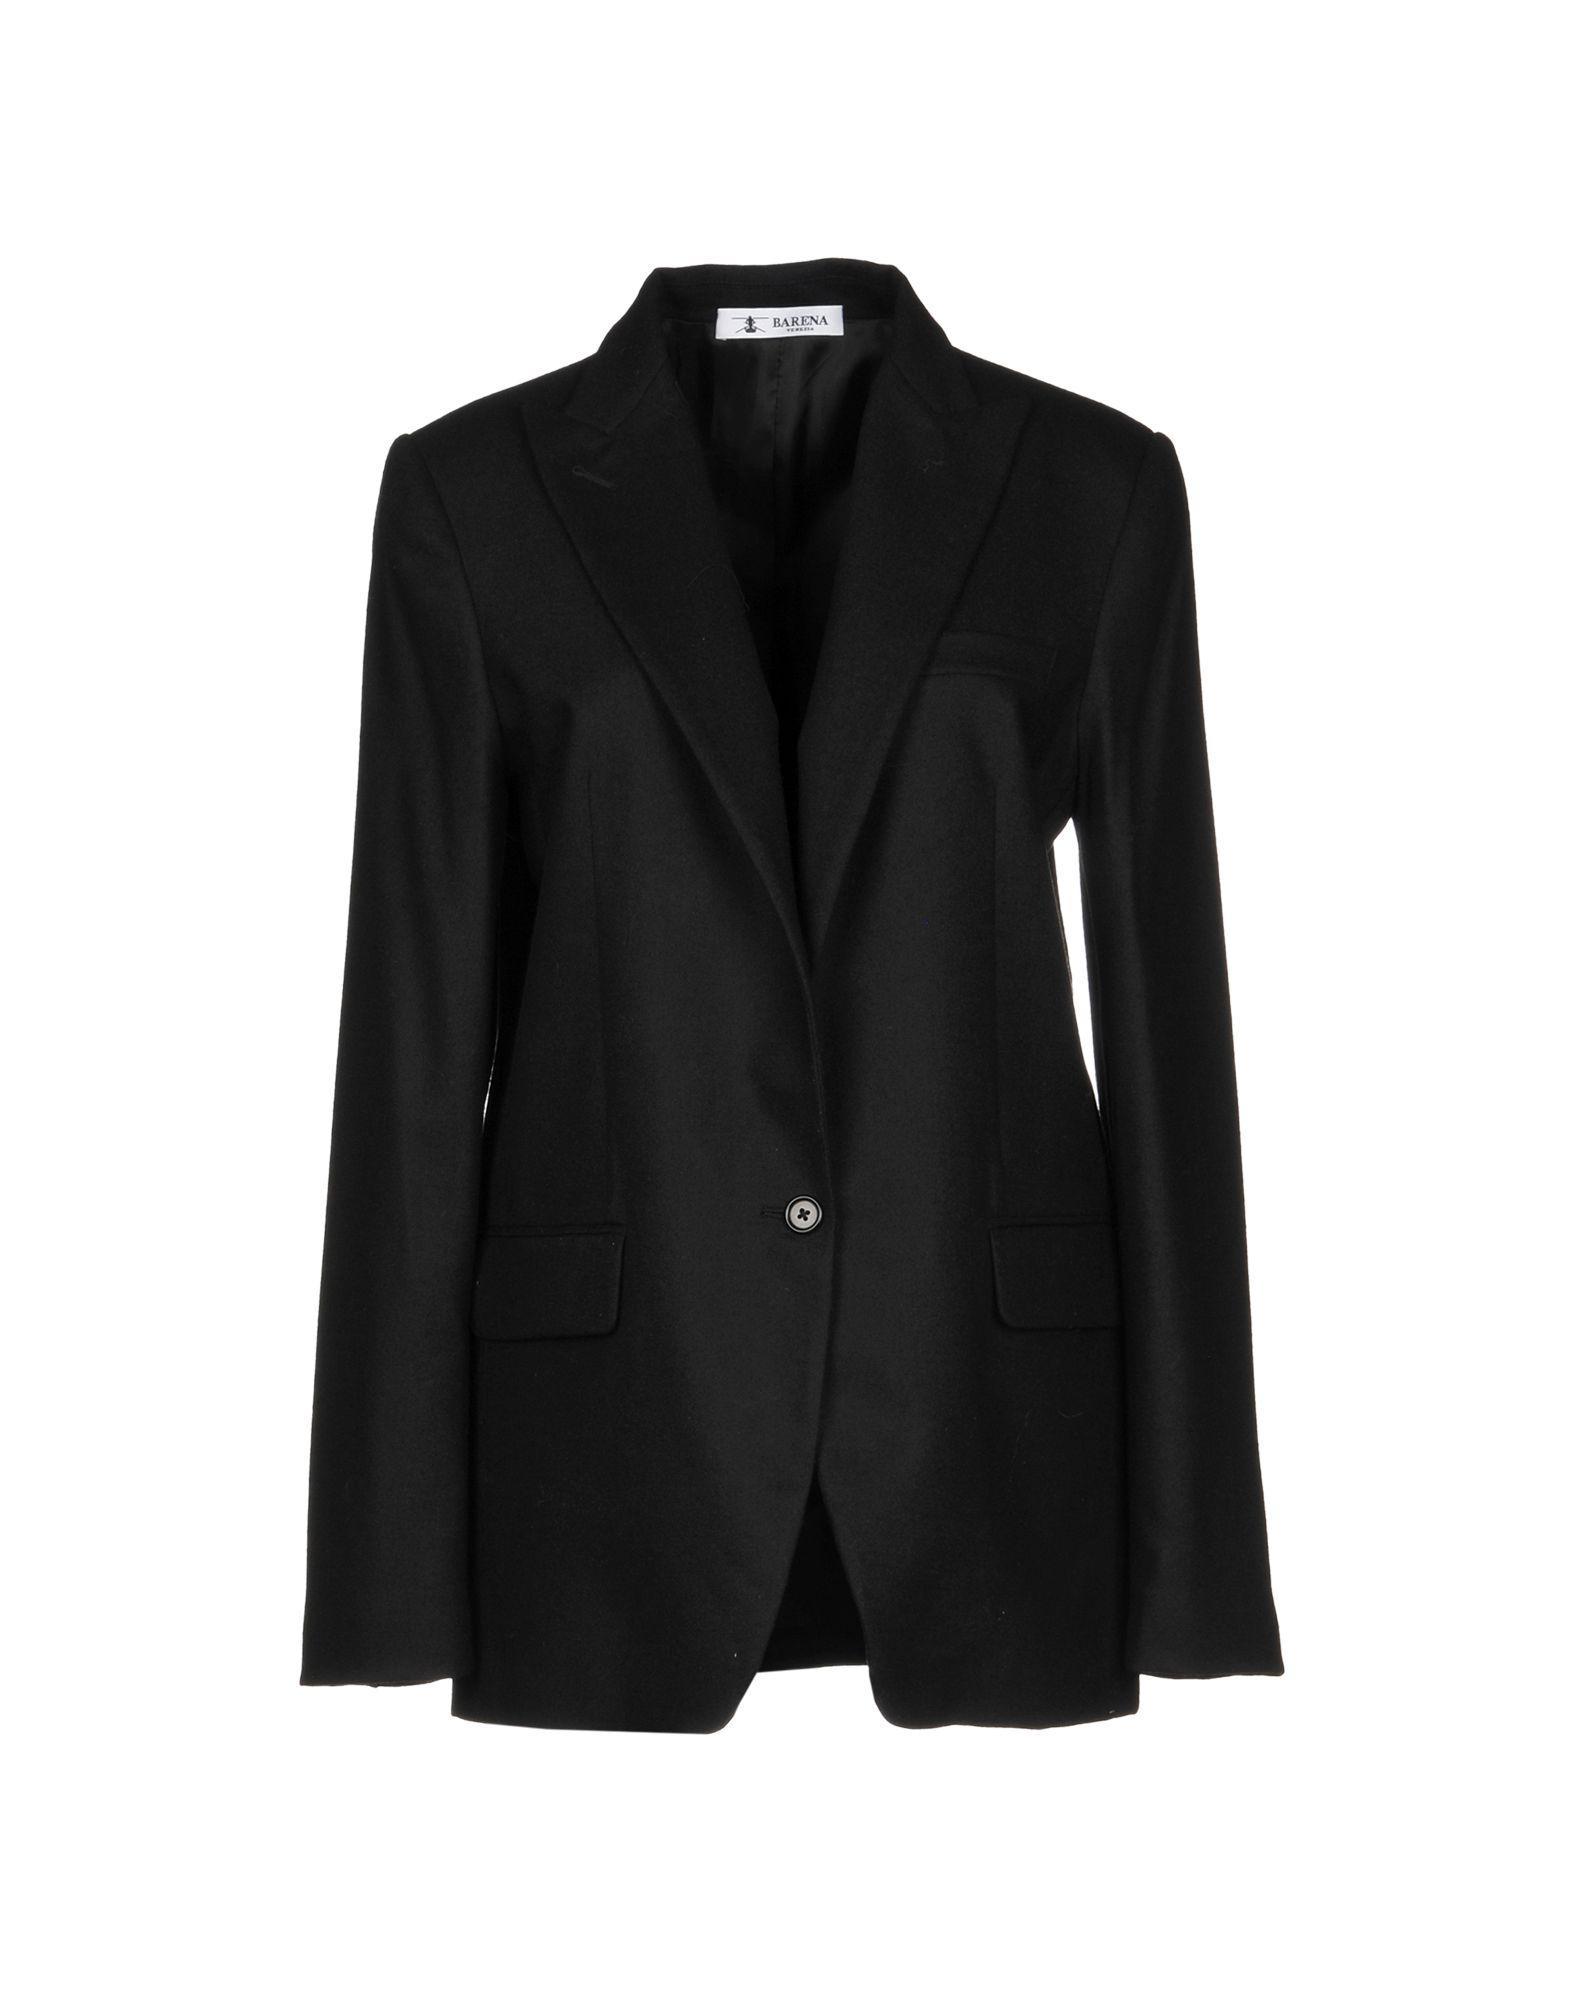 Barena Venezia Blazers In Black